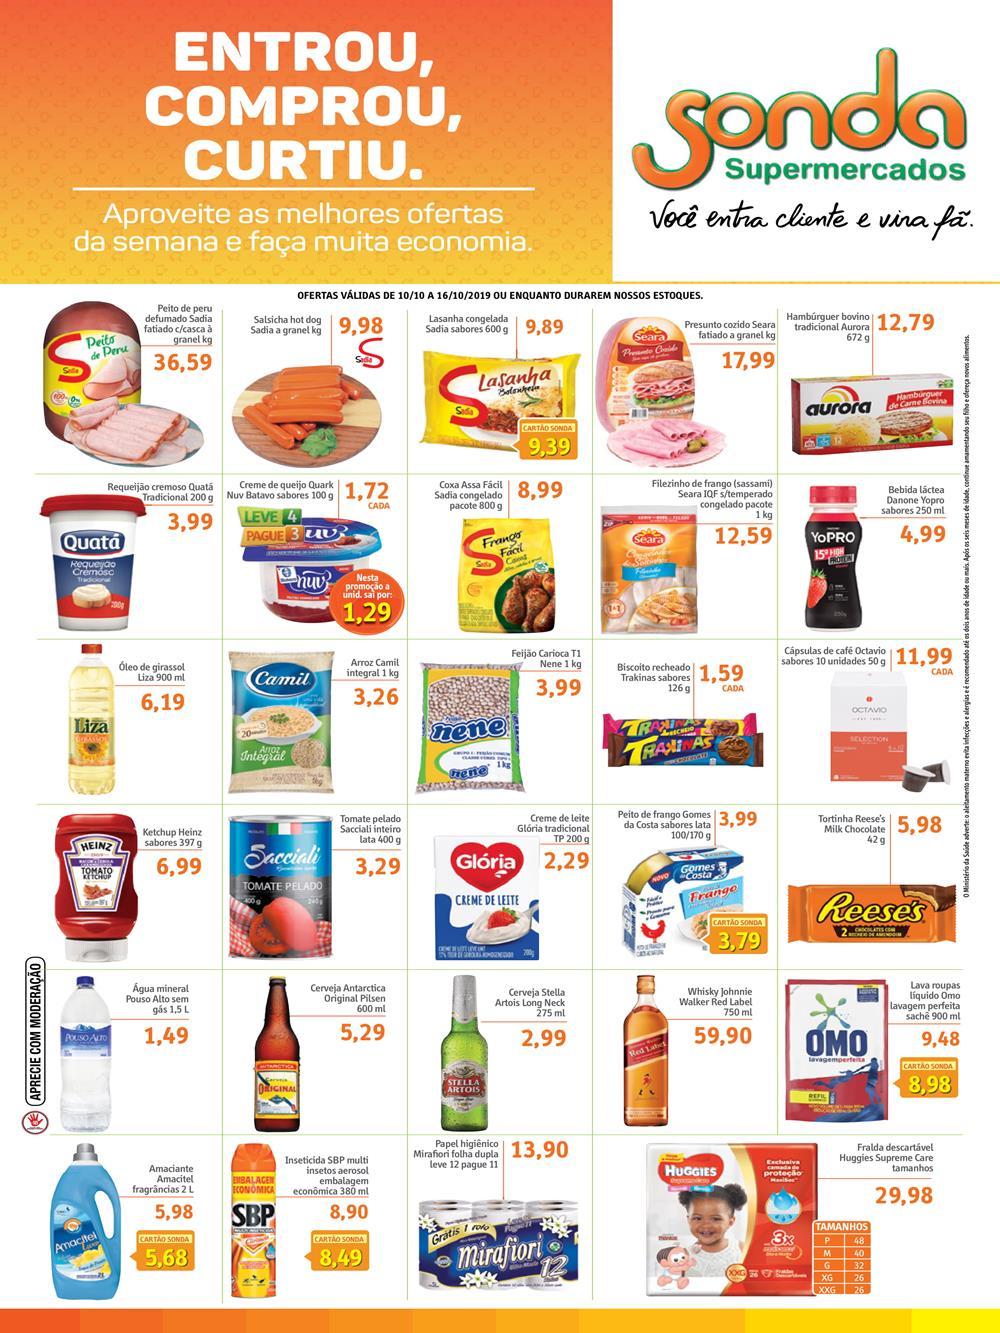 Sonda-folhetos-tabloide1-1 Ofertas de supermercados - Black Friday 2019